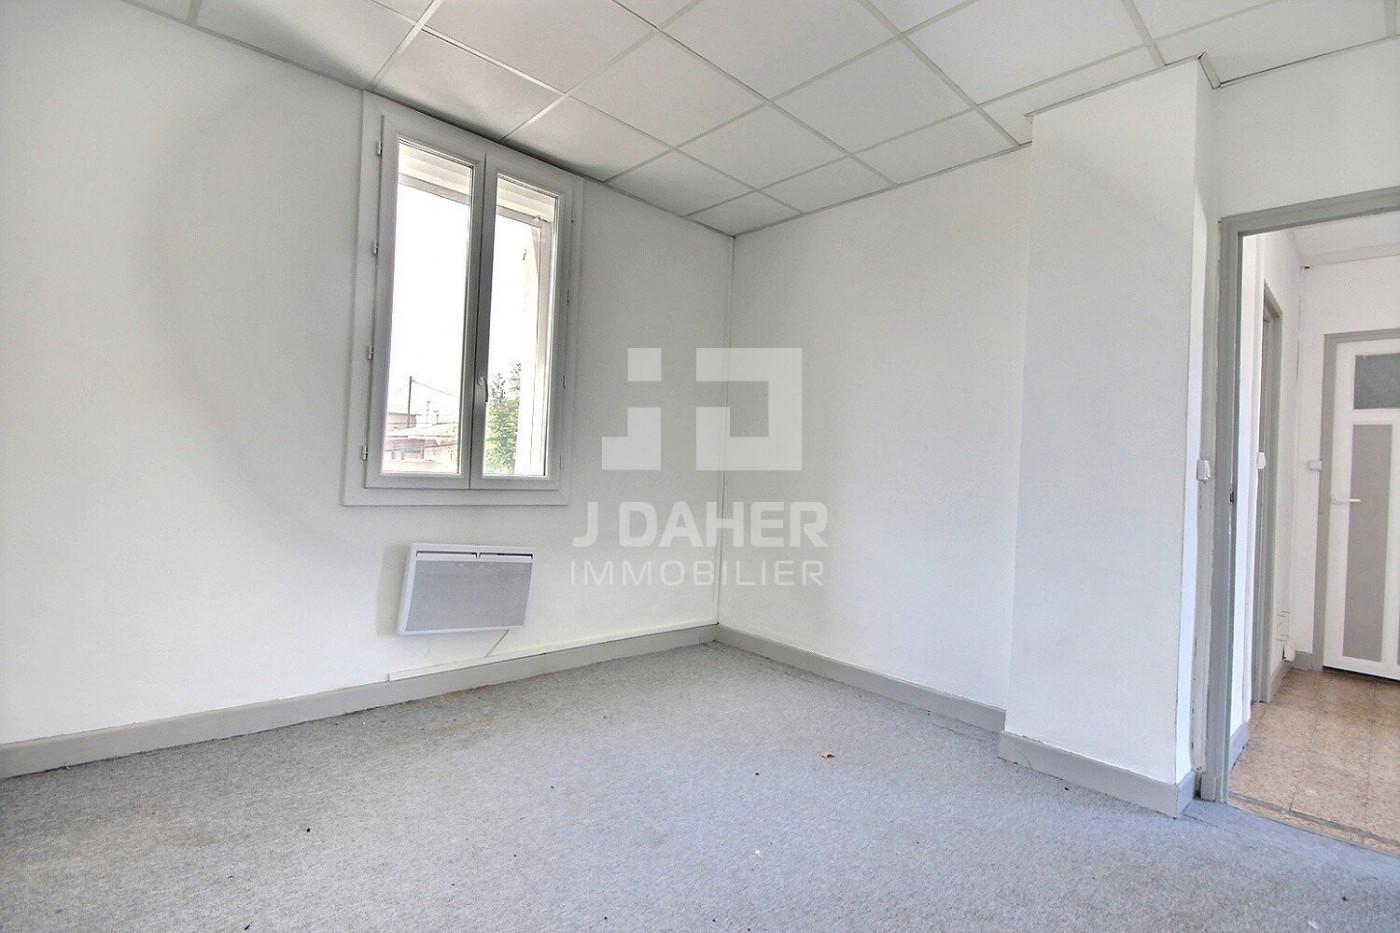 A vendre  Marseille 8eme Arrondissement | Réf 13025975 - J daher immobilier